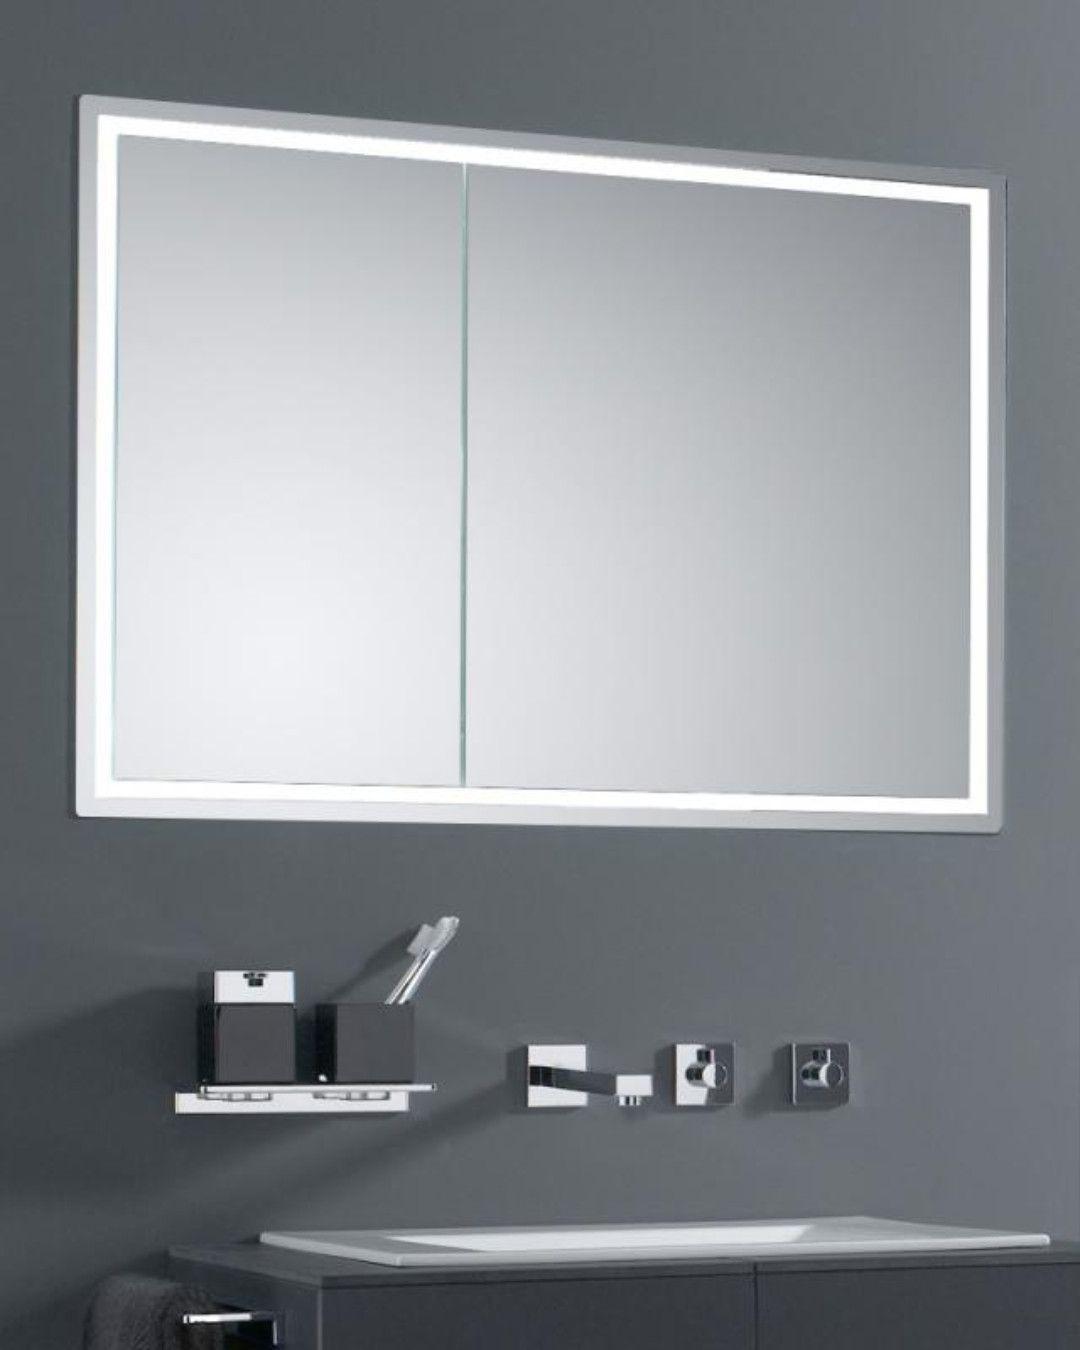 Emco Prestige Unterputz Lichtspiegelschrank Breite Tur Rechts 989706024 Unterputz Spiegelschrank Spiegelschrank Schrank